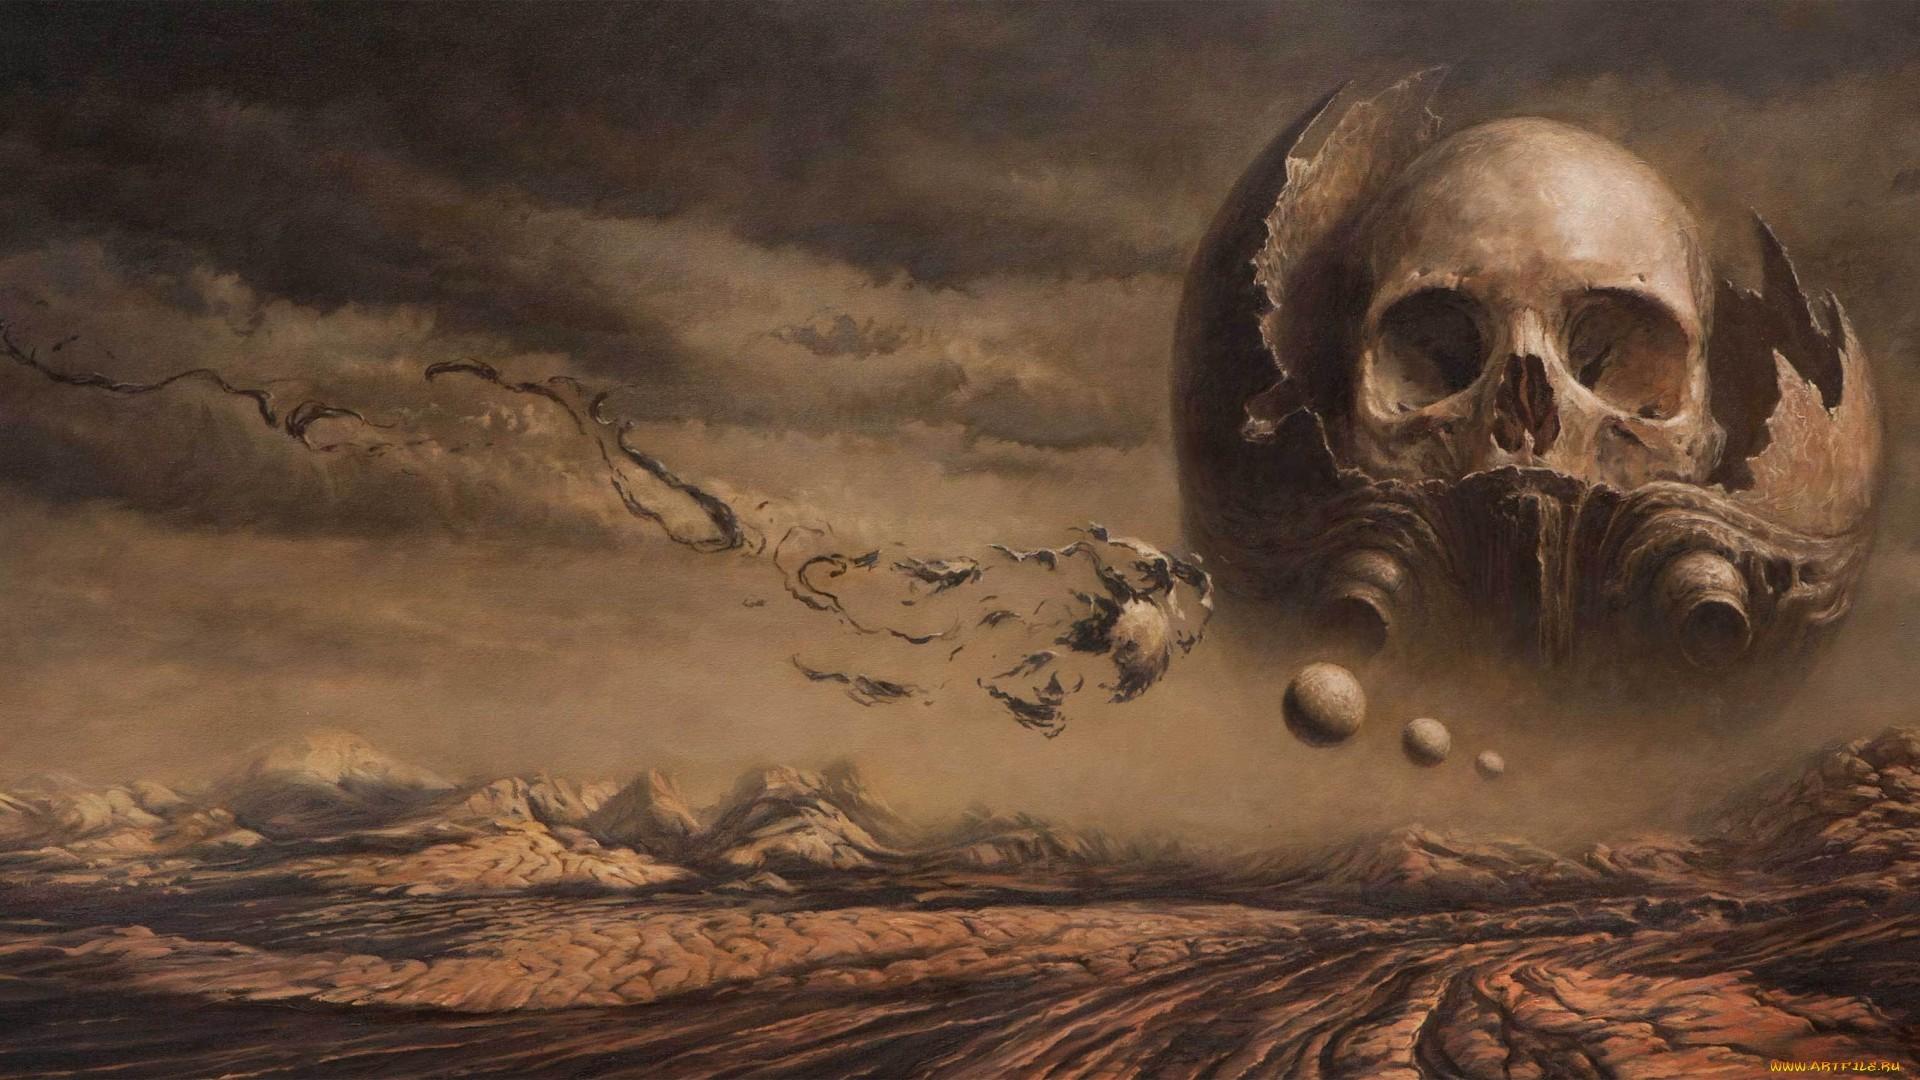 1920x1080 Skull Abstract Drawing Skulls Dark Sci Fi Sci Science Wallpaper